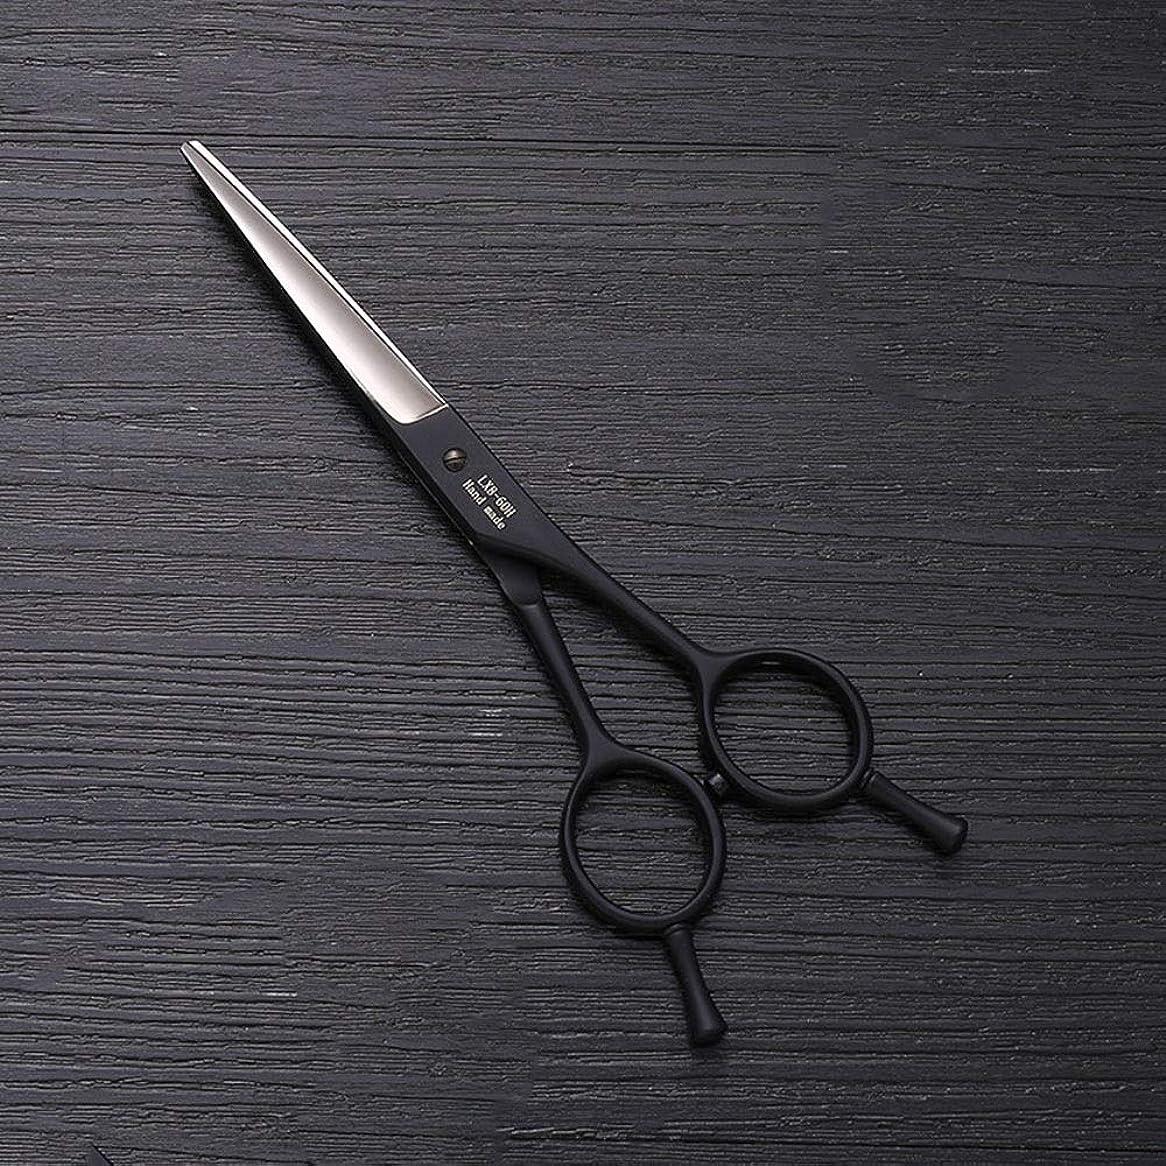 有益姉妹許すBlian1 5.5インチの理髪師のはさみの倍の尾釘の黒いはさみ、ステンレス鋼のはさみ前髪はさみ (色 : 黒)